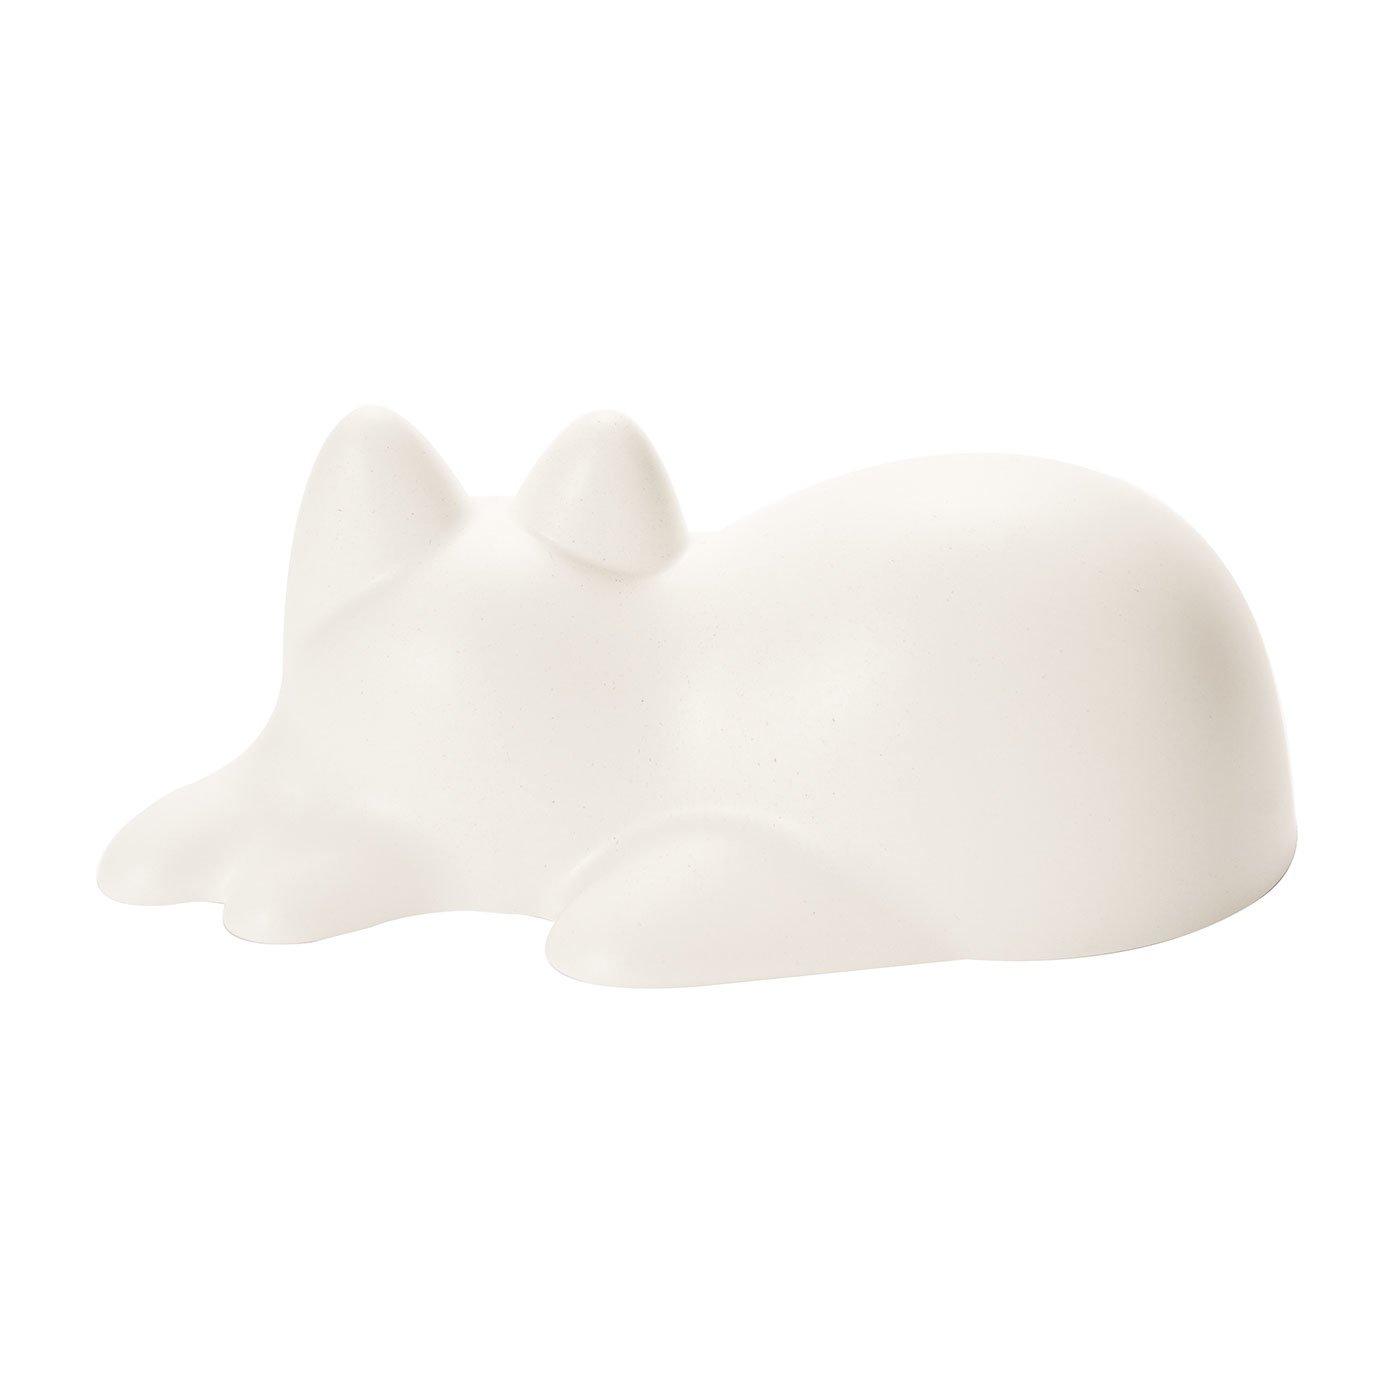 世界を癒す!?子猫サイズのカップ型猫「ネコカップ」白